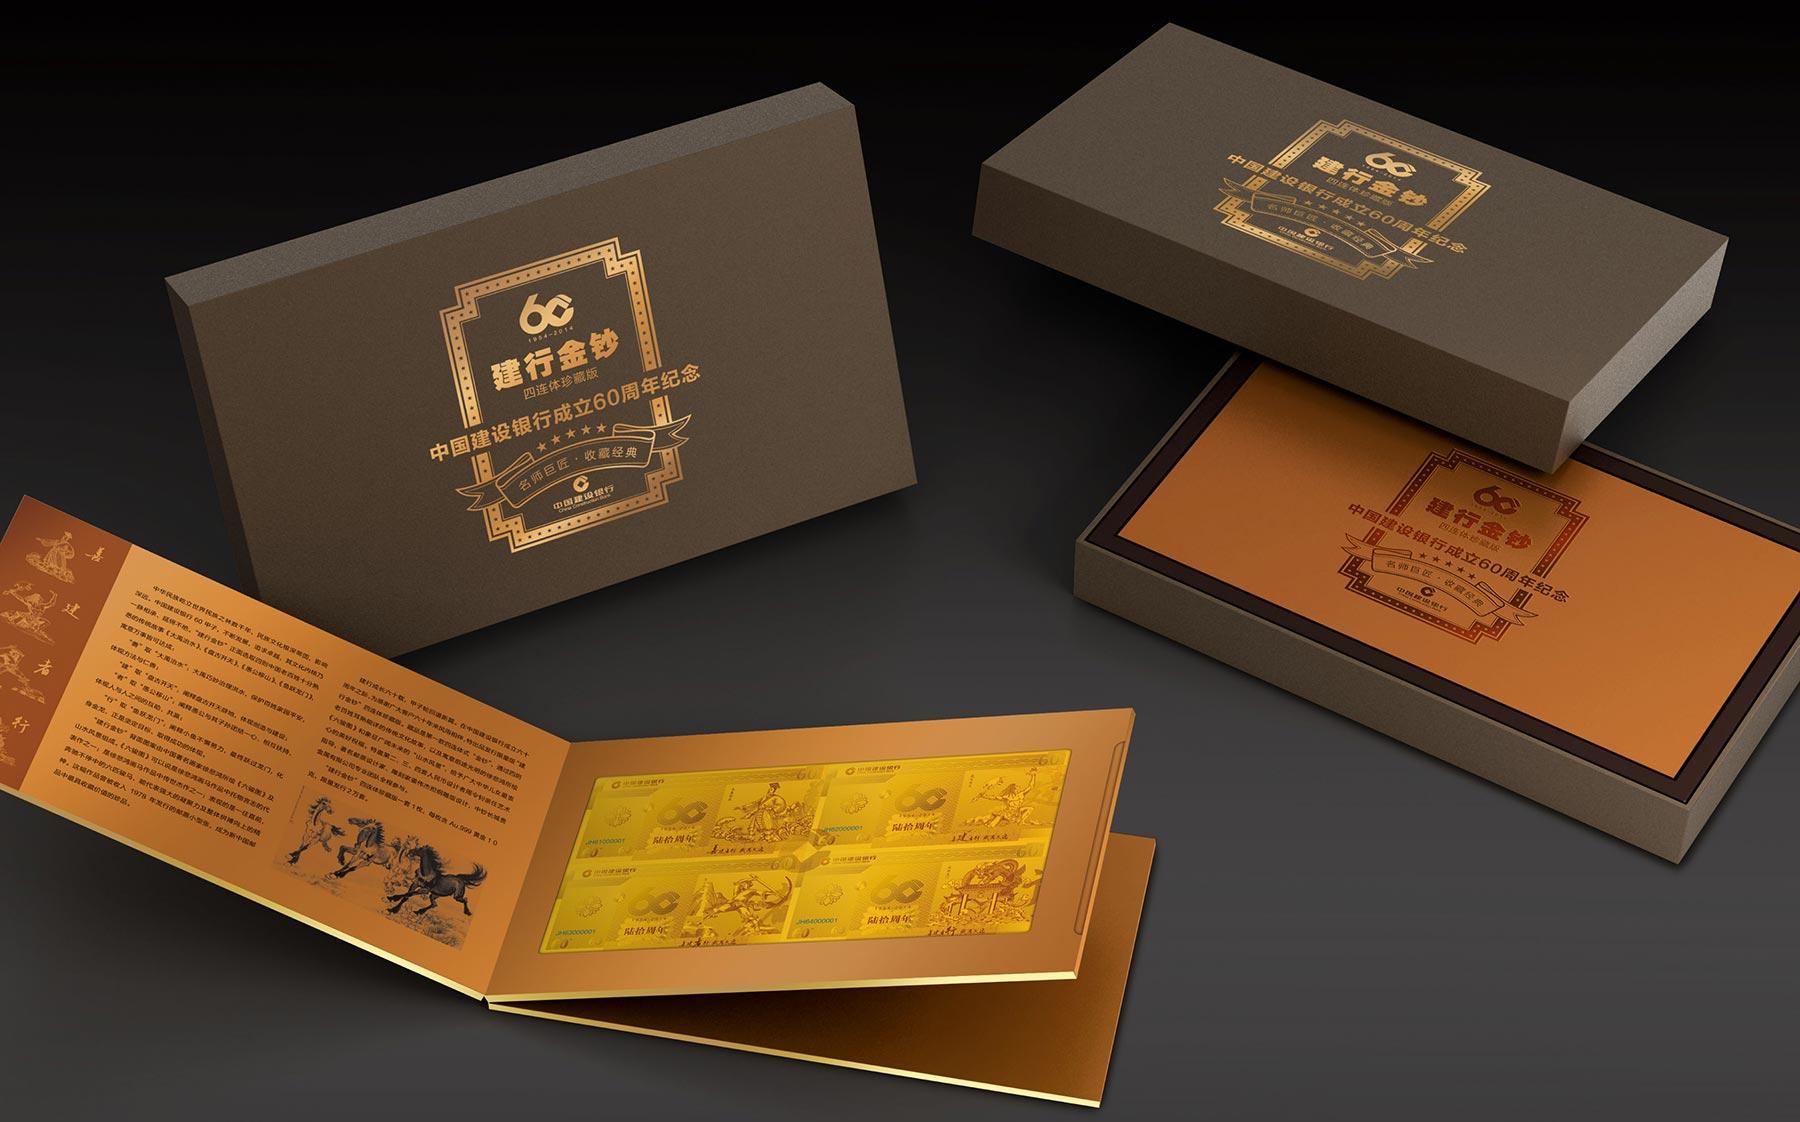 贵金属logo设计_中国建设银行成立60周年贵金属包装设计欣赏